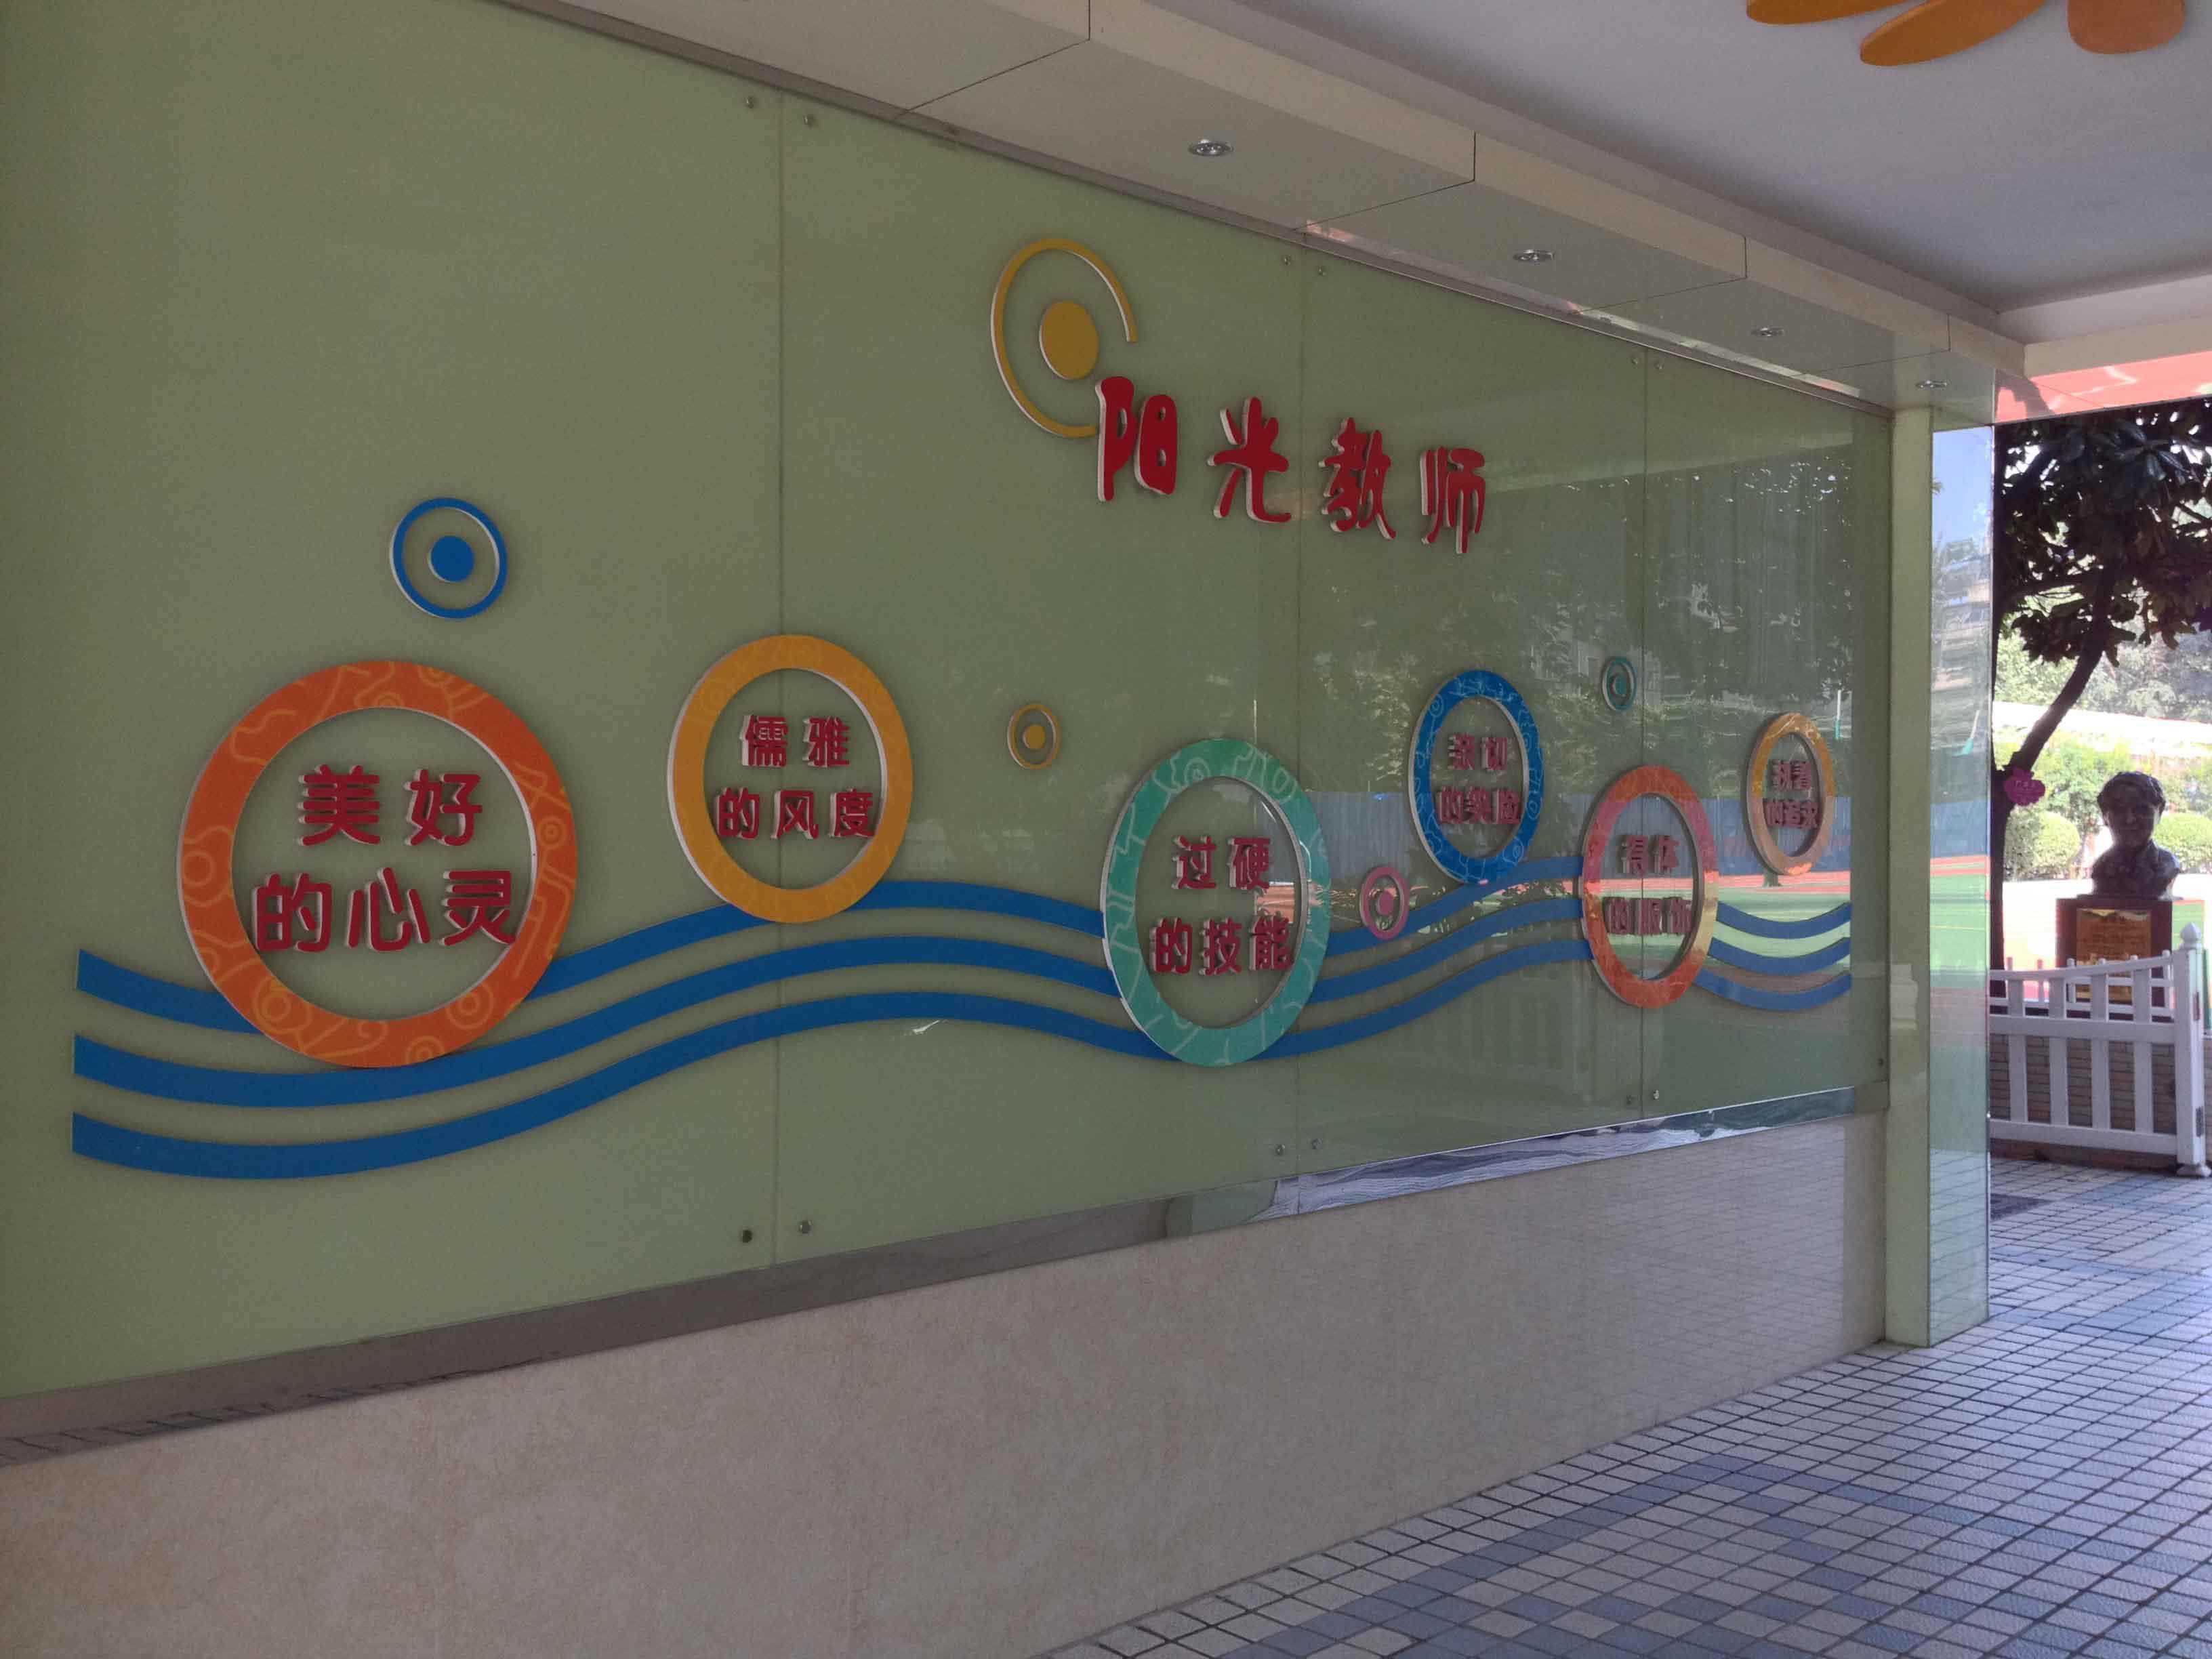 西安小学校园文化活动